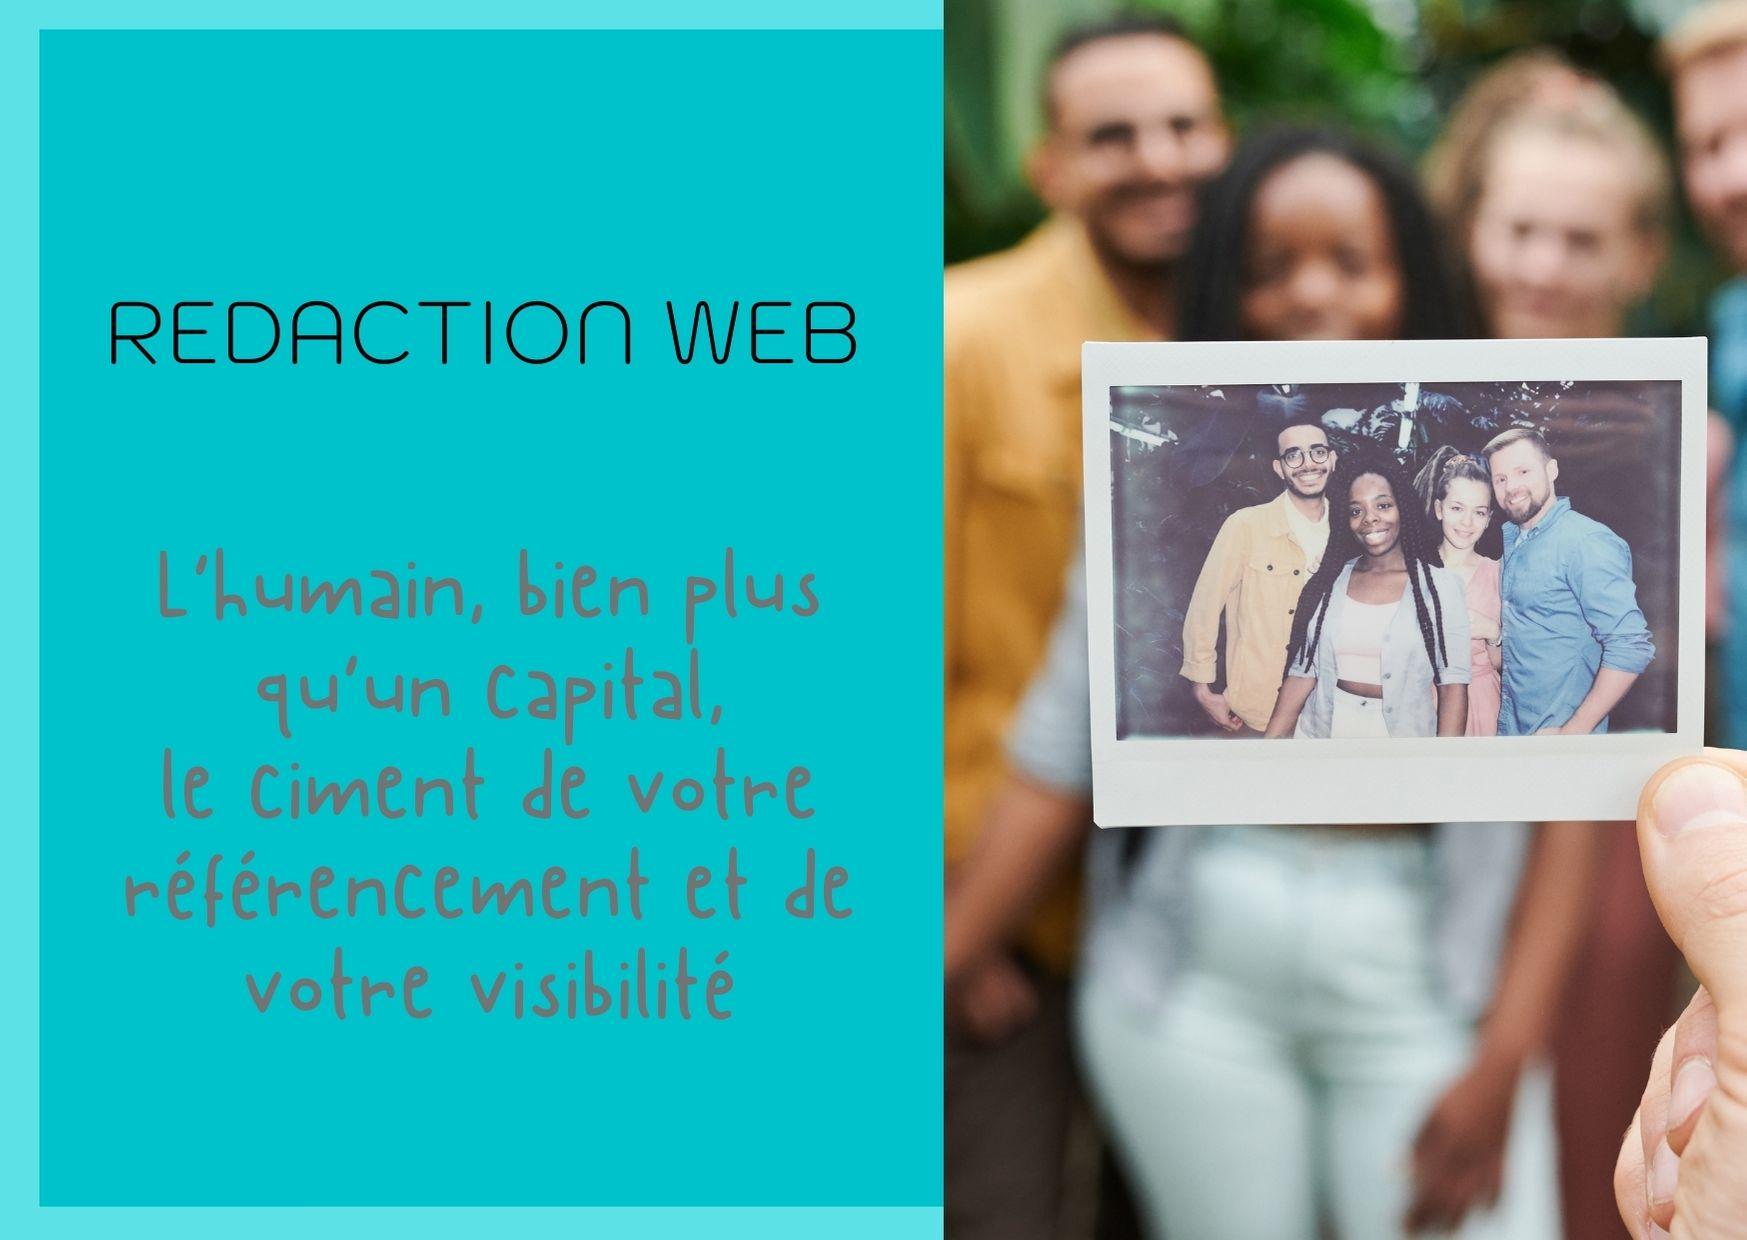 Rédaction web - Capital humain et visibilité